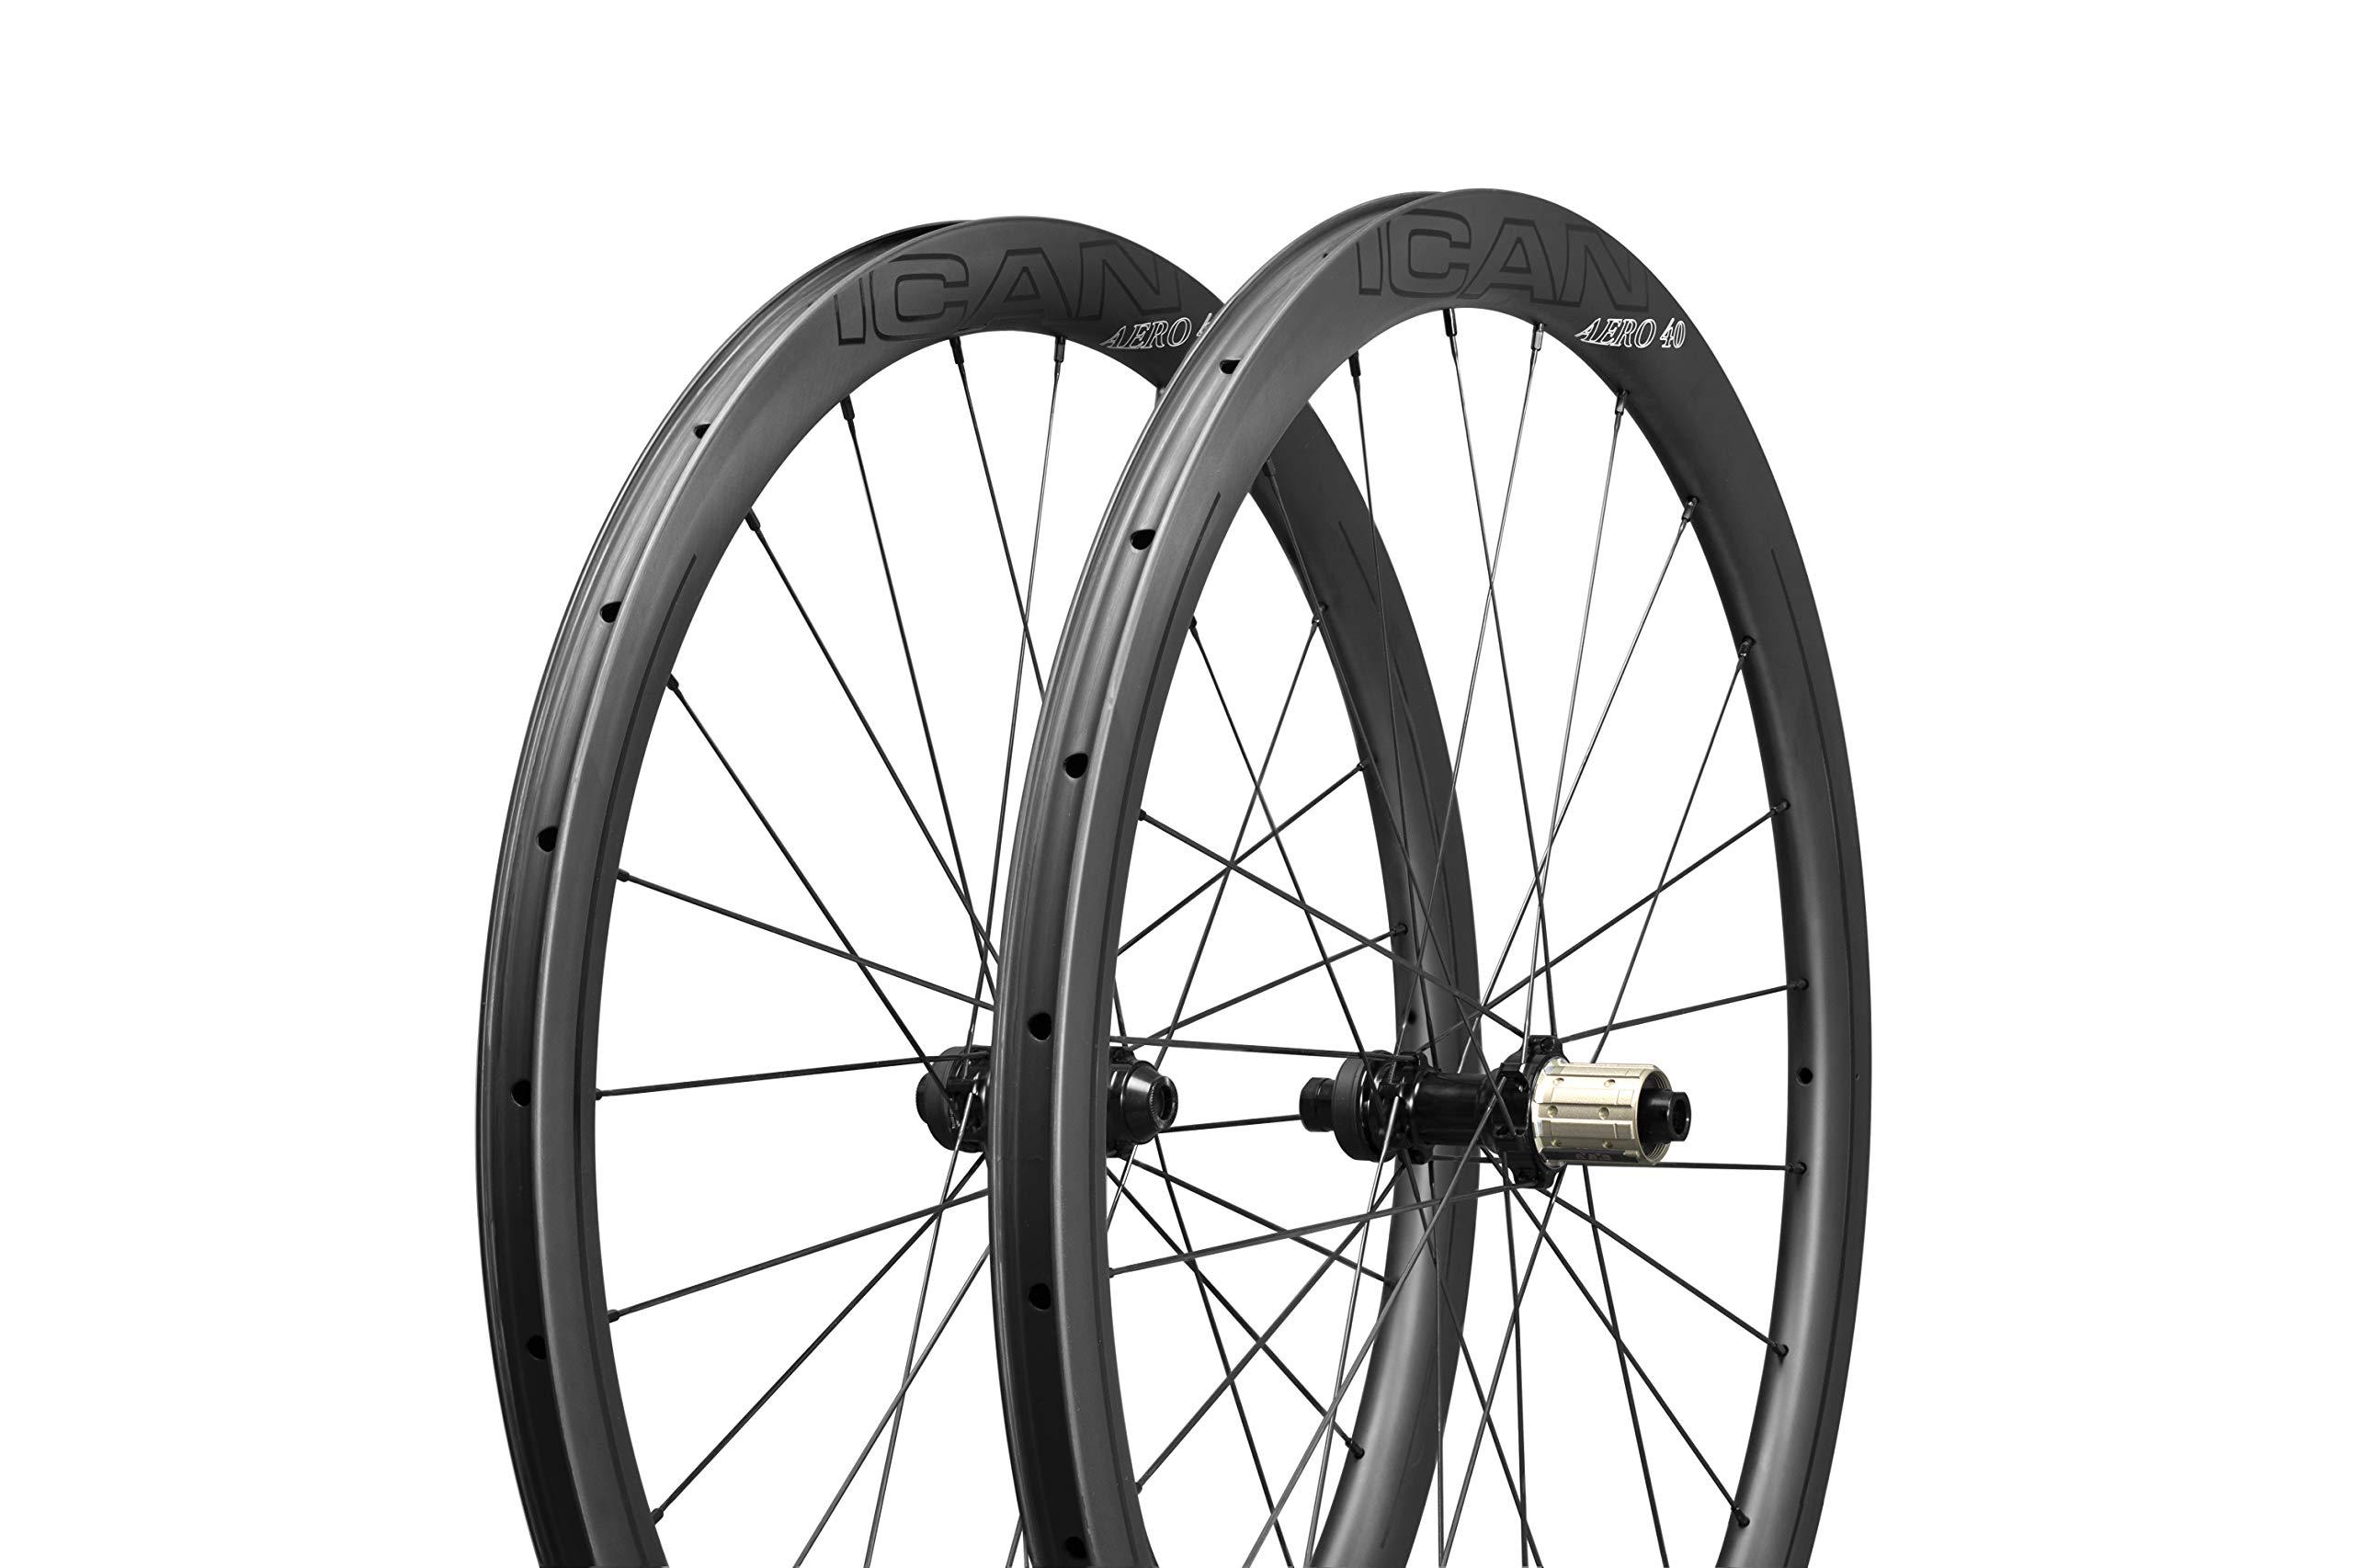 ICAN Ruedas de Carbono Aero 40 Disc Ruedas de Bicicleta de Carretera 40mm Clincher tubeless Ready Disco Freno 12x100/12x142mm sólo 1355g: Amazon.es: Deportes y aire libre